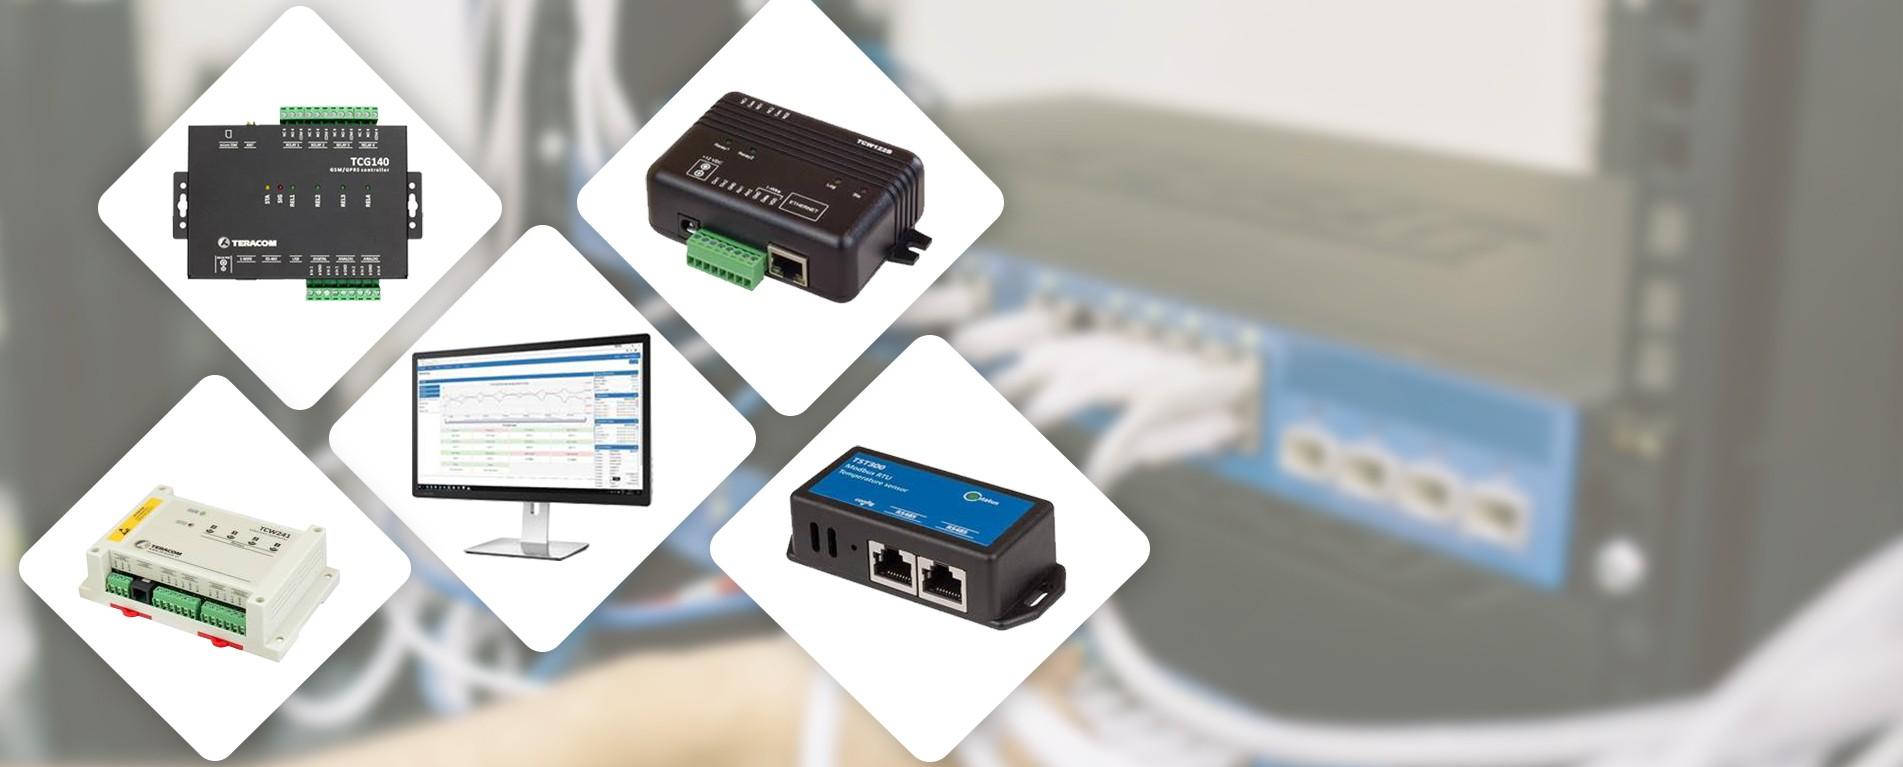 Teracom - Fjernkontrol over Ethernet og GSM/GPRS